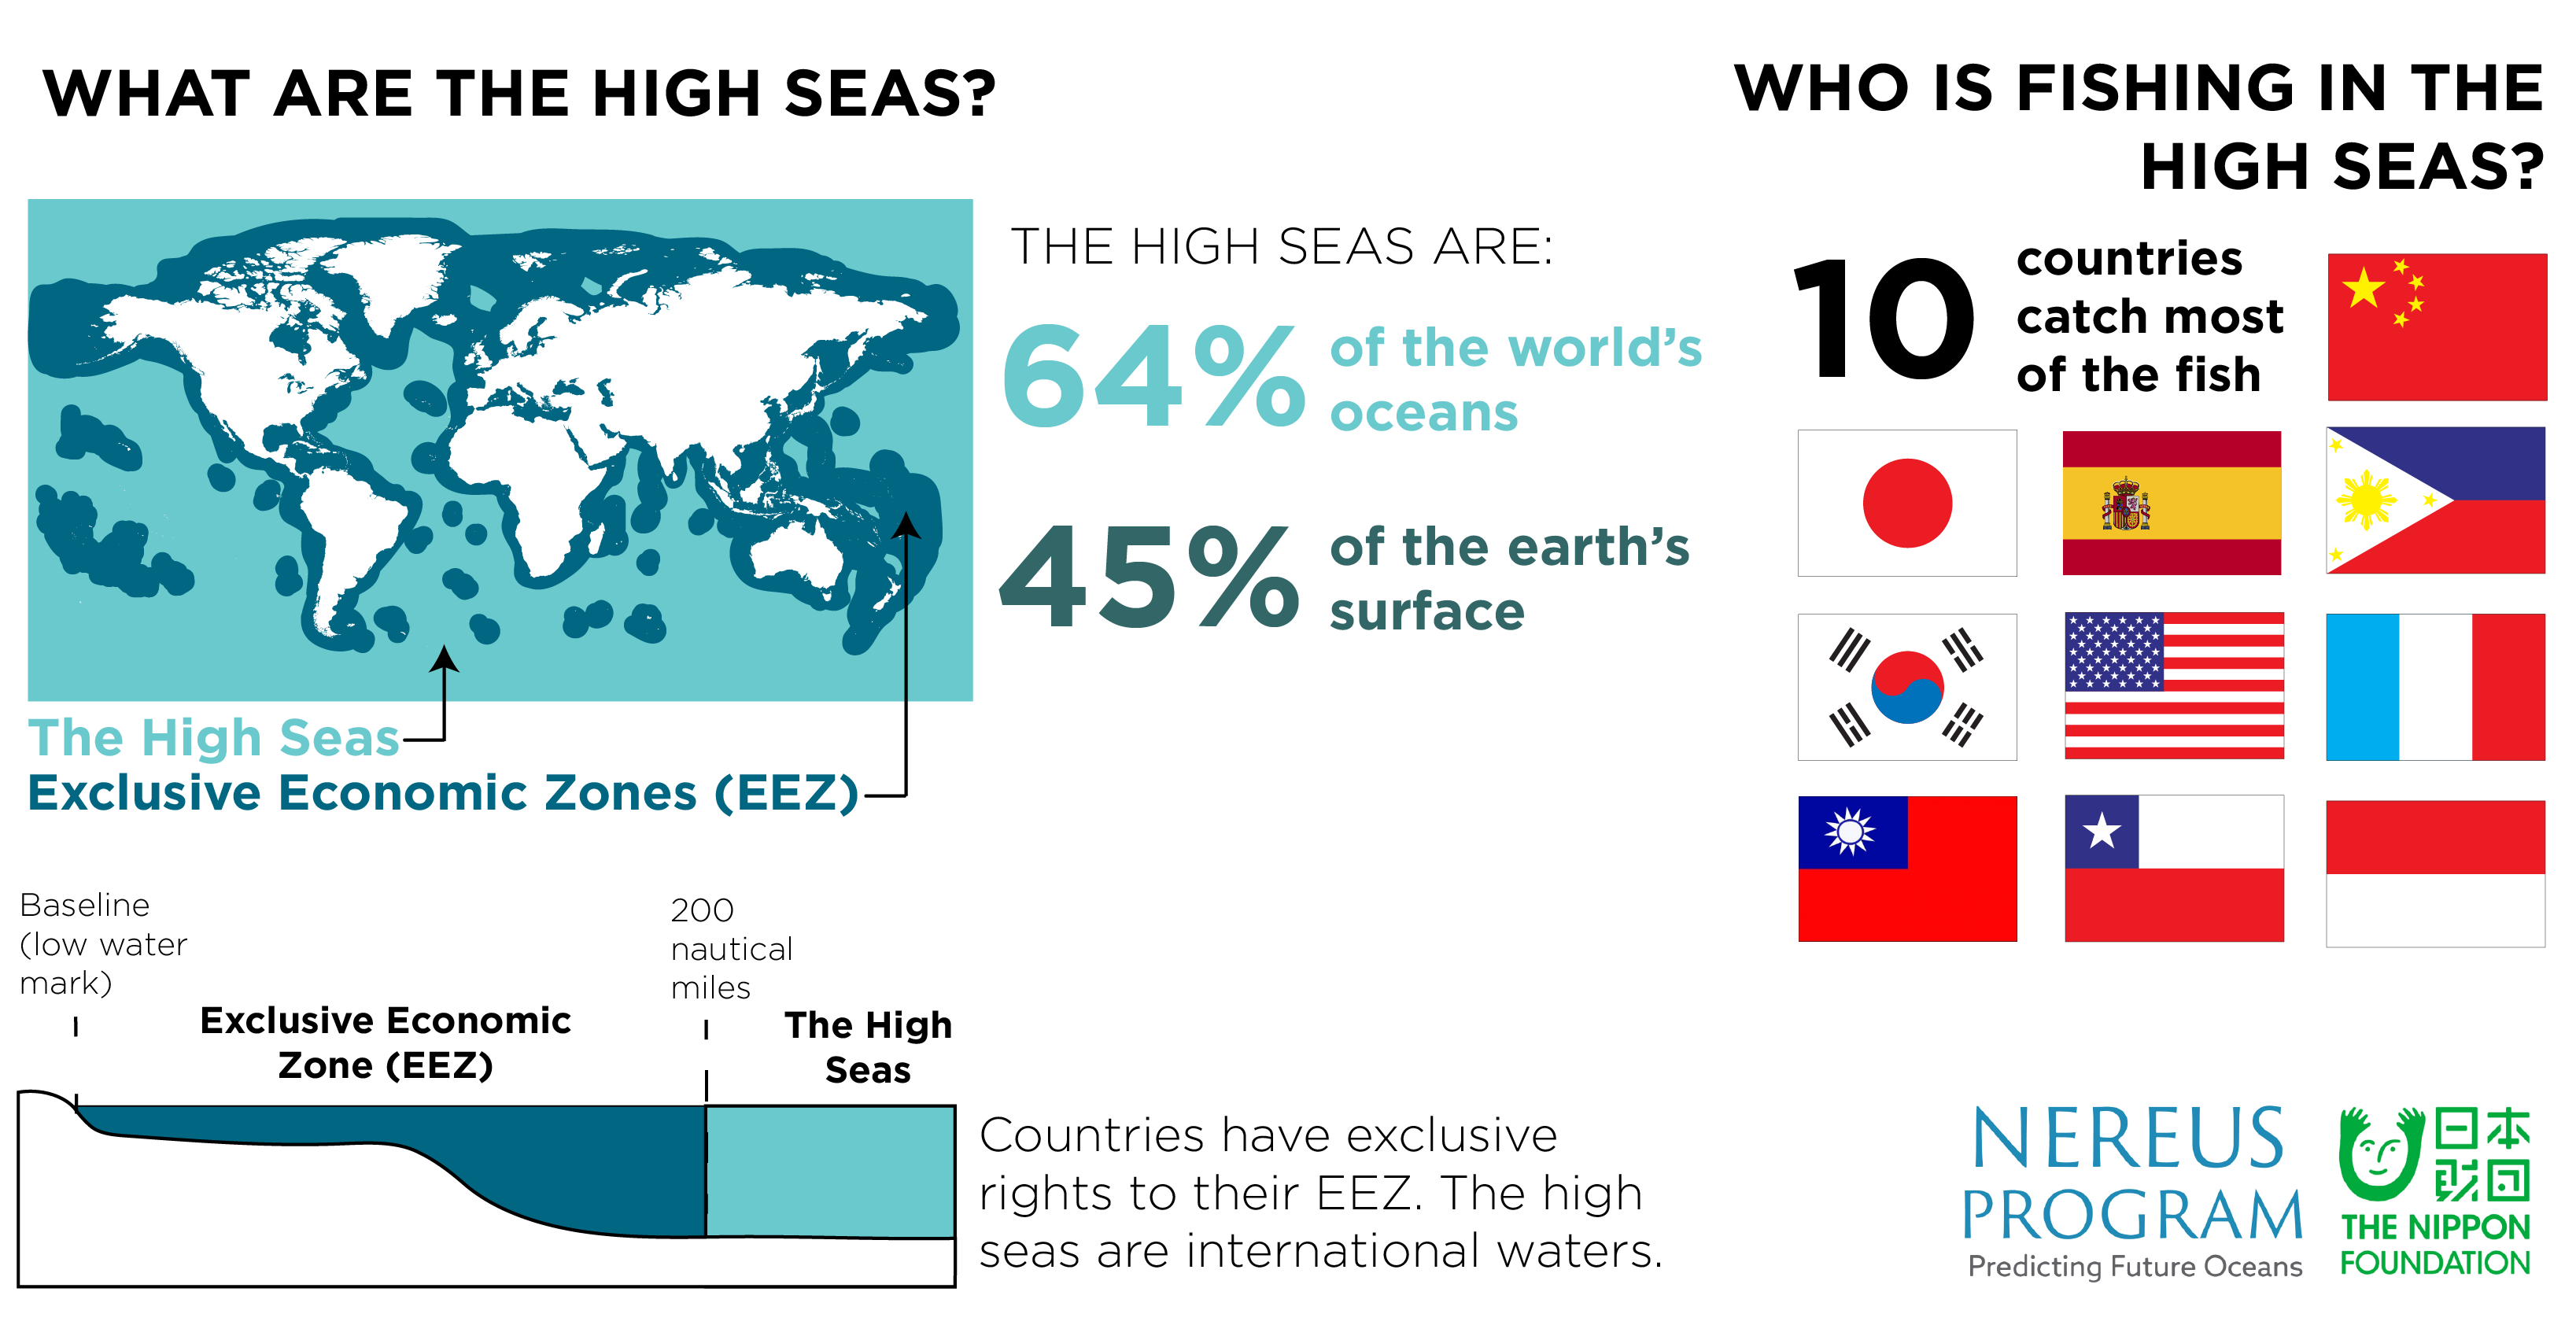 競合する利潤を超えた公海を守るための一歩 - Nereus Program - The ...